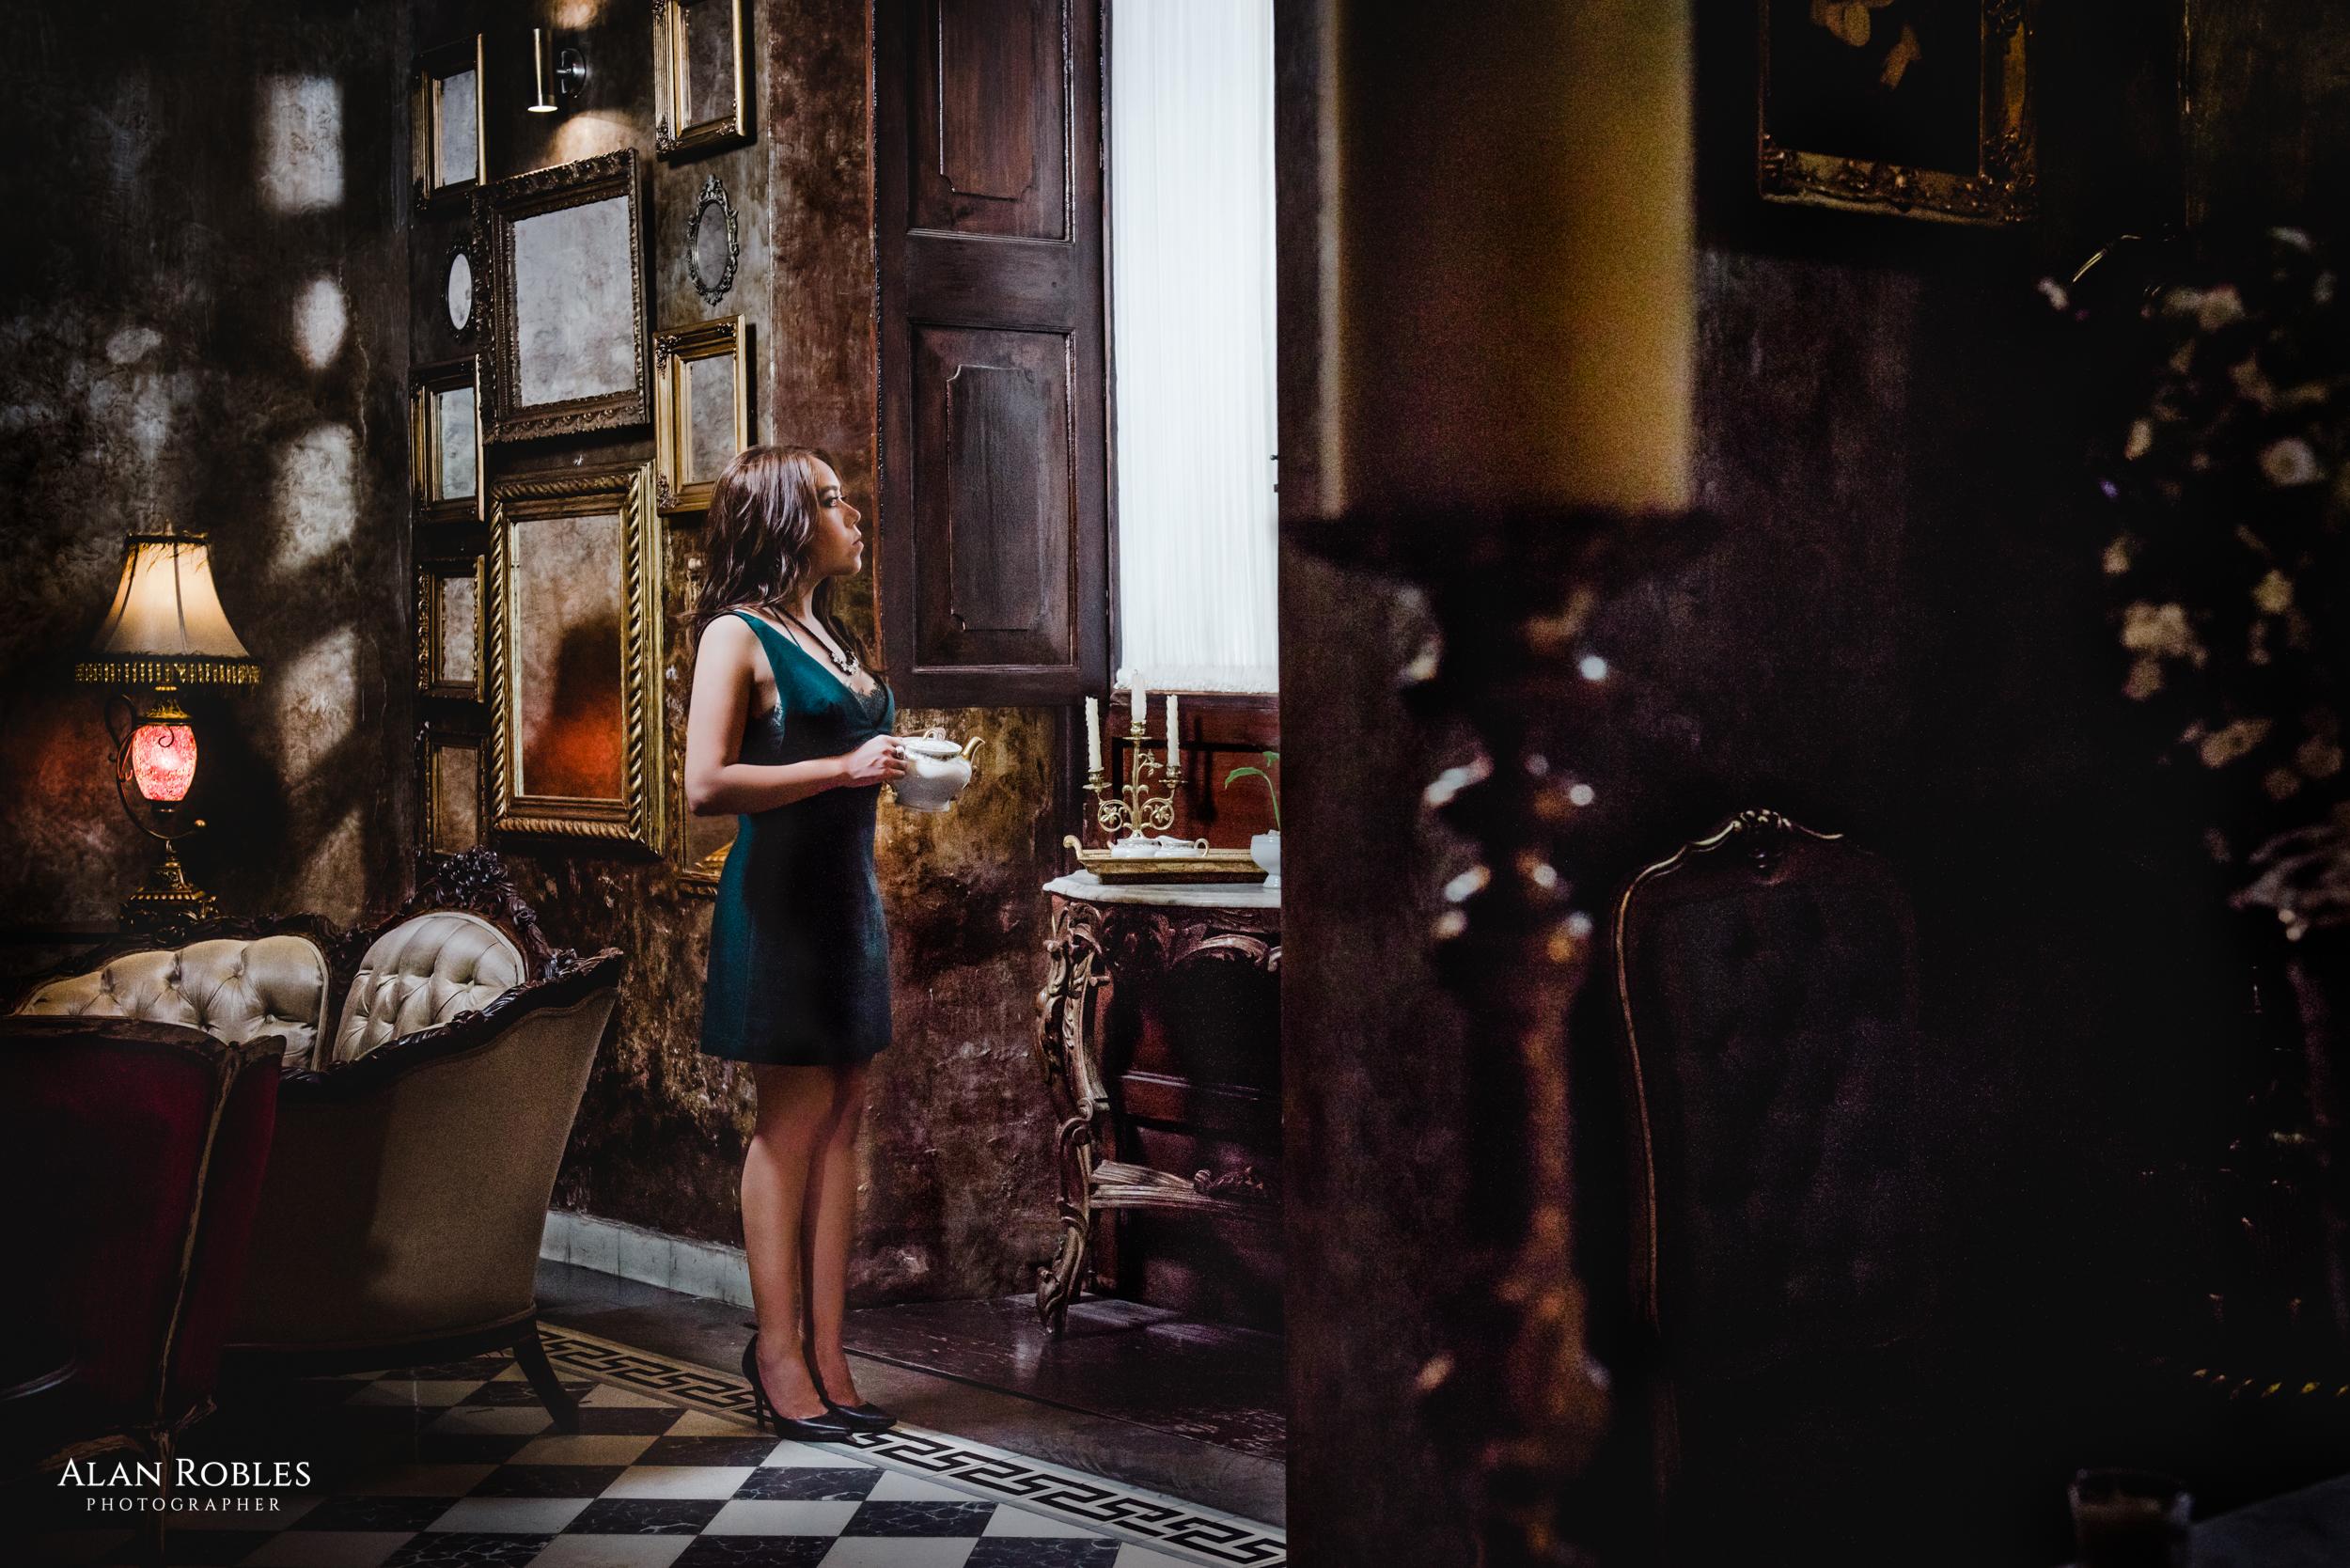 Habitacion en Hotel Casa Pedro Loza - Sesion fotografica con Very Nice Musica - Fotografo Alan Robles